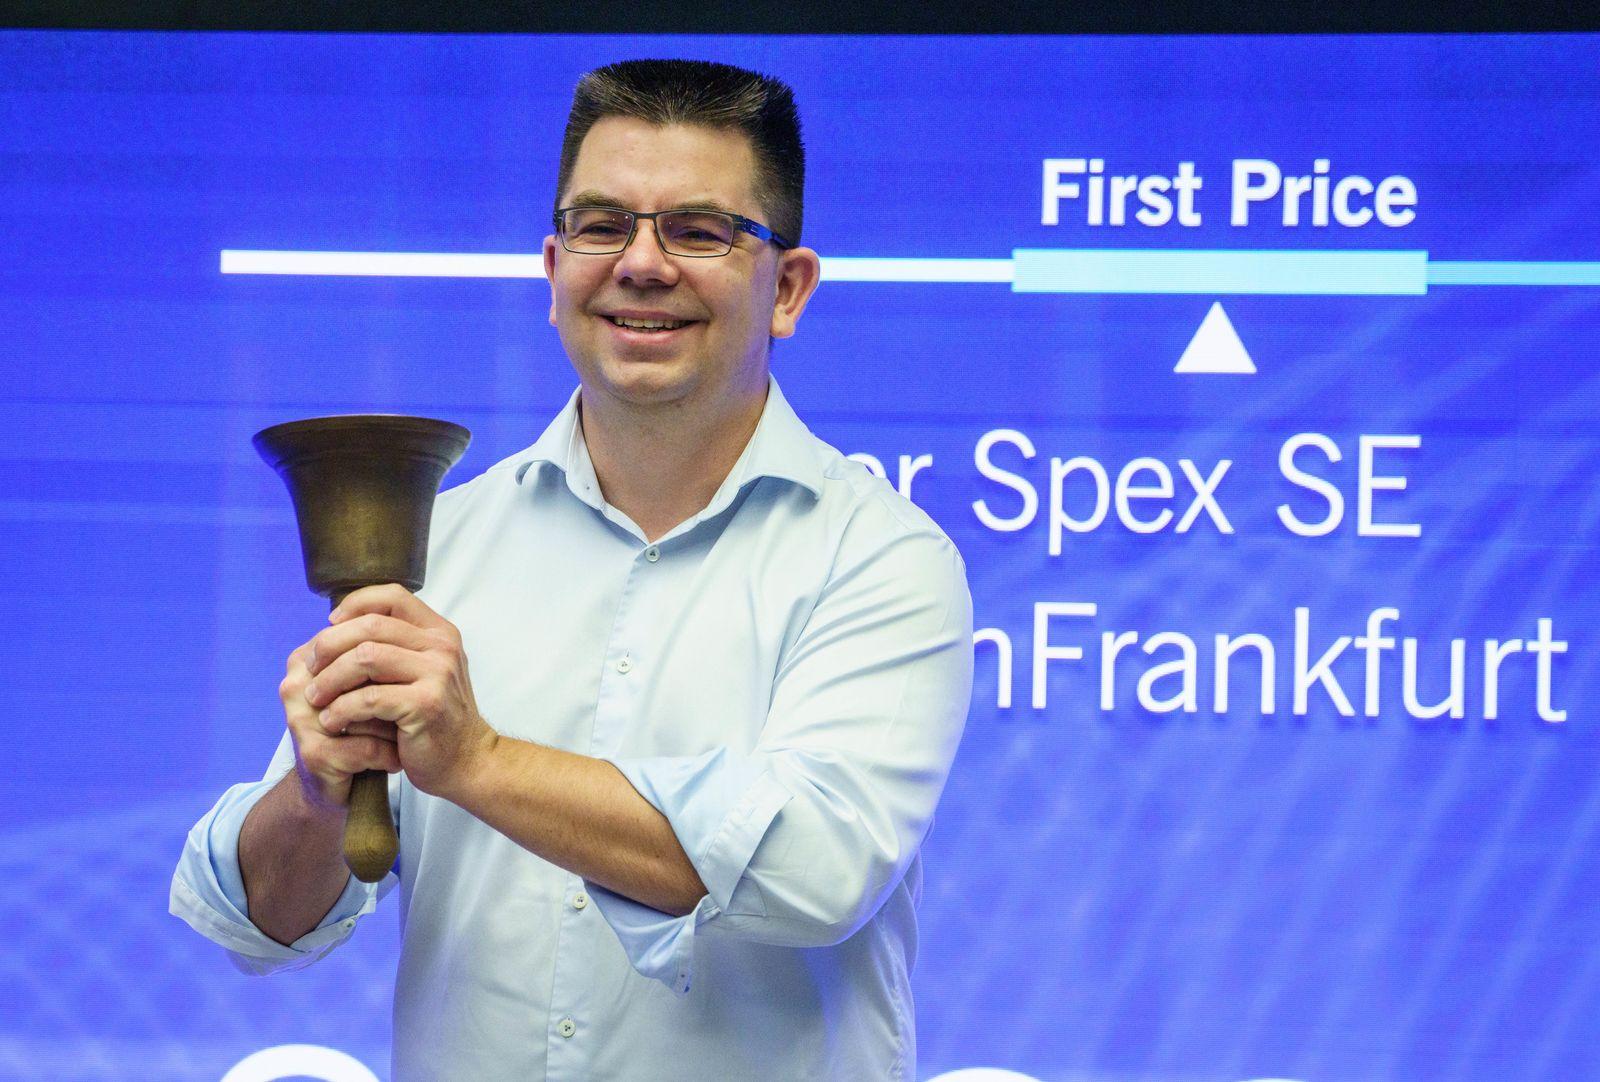 Börsenstart des Berliner Online-Optikers Mister Spex